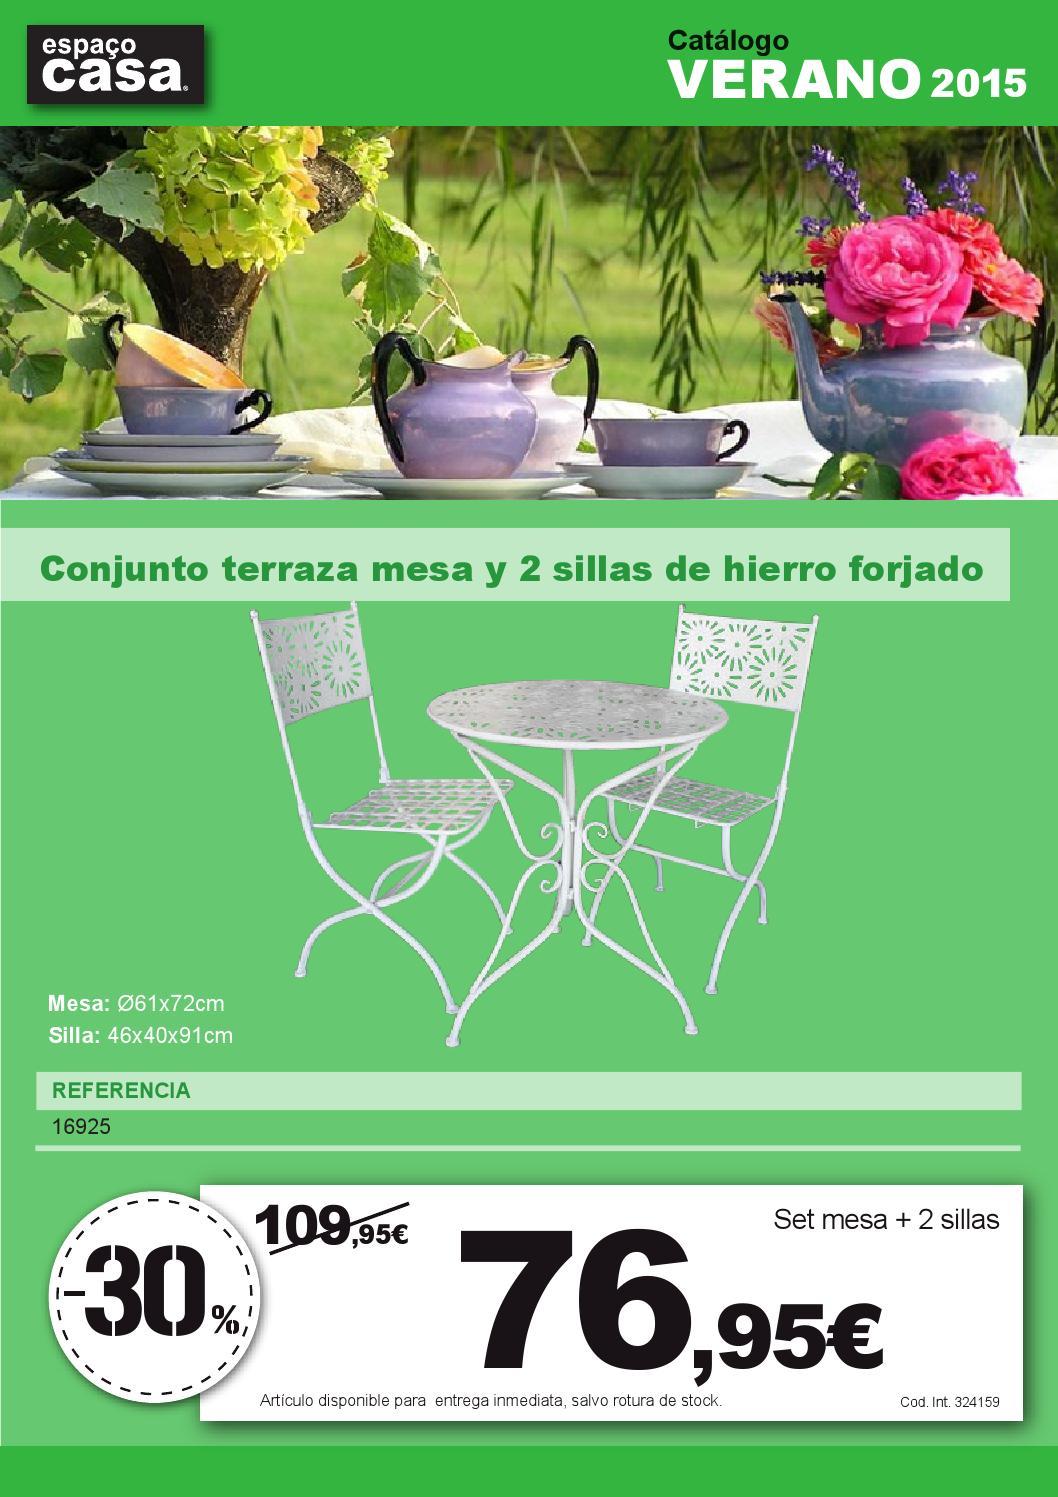 Catalogo espa o casa aire libre 2015 by espa o casa issuu for Espacio casa catalogo